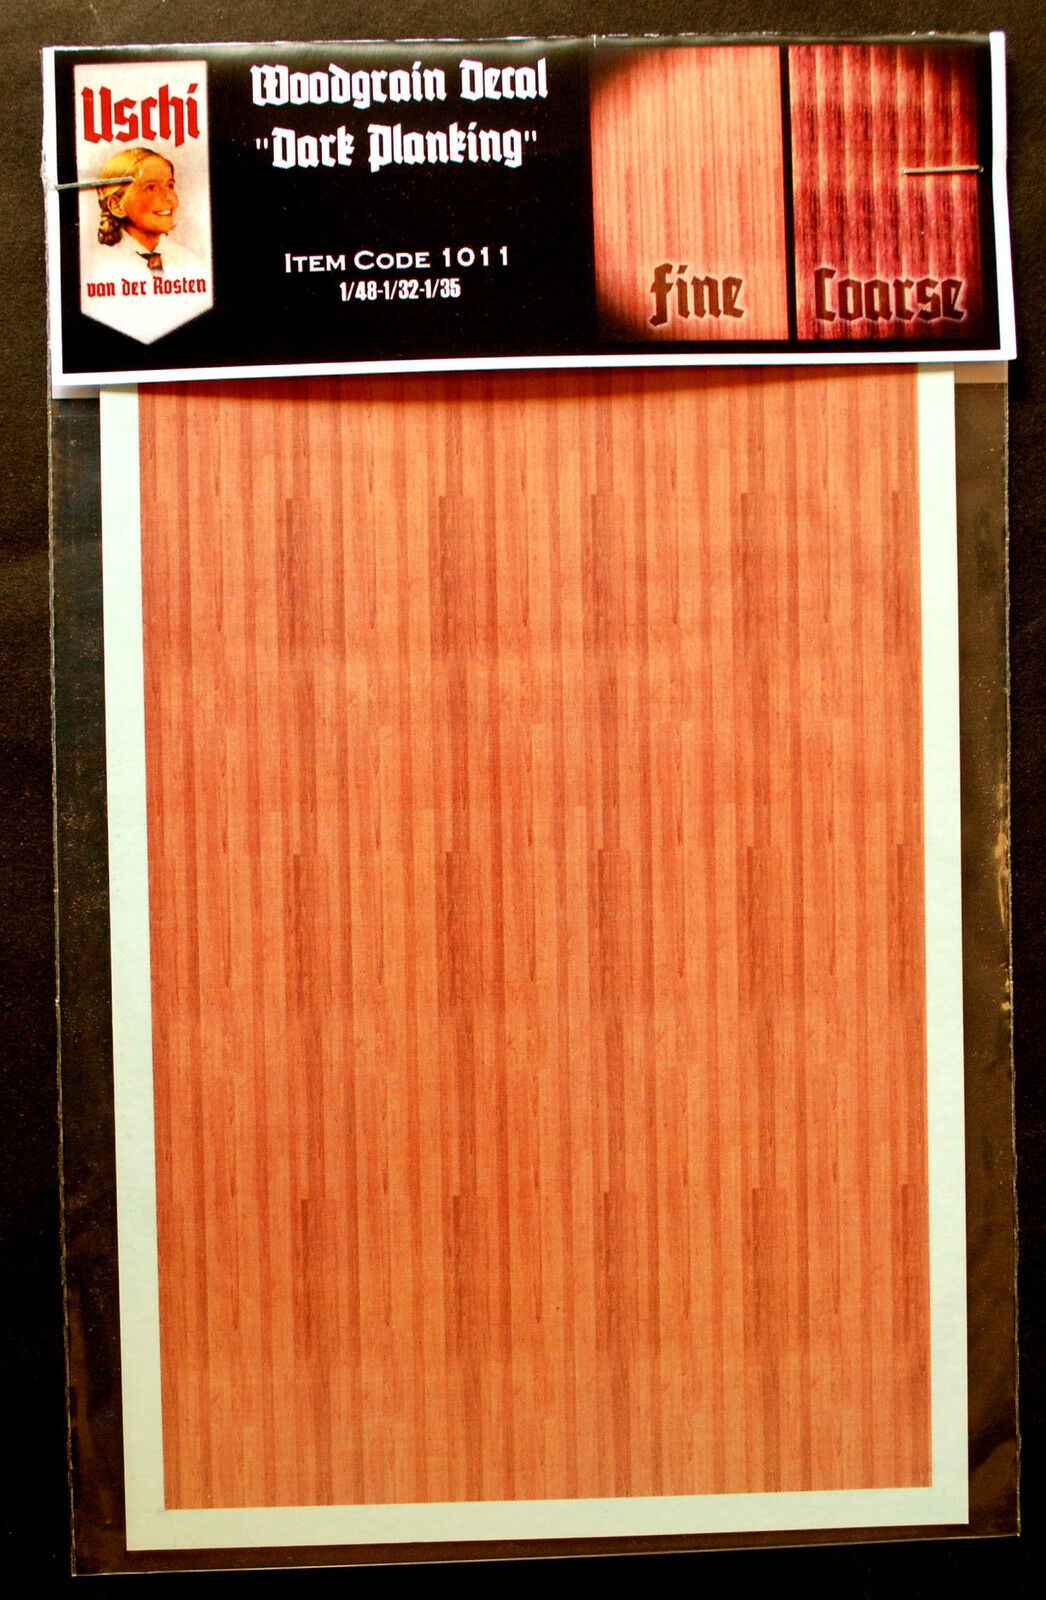 Uschi van der Rosten 1011 Decals Holzdekor Woodgrain Dark Planking